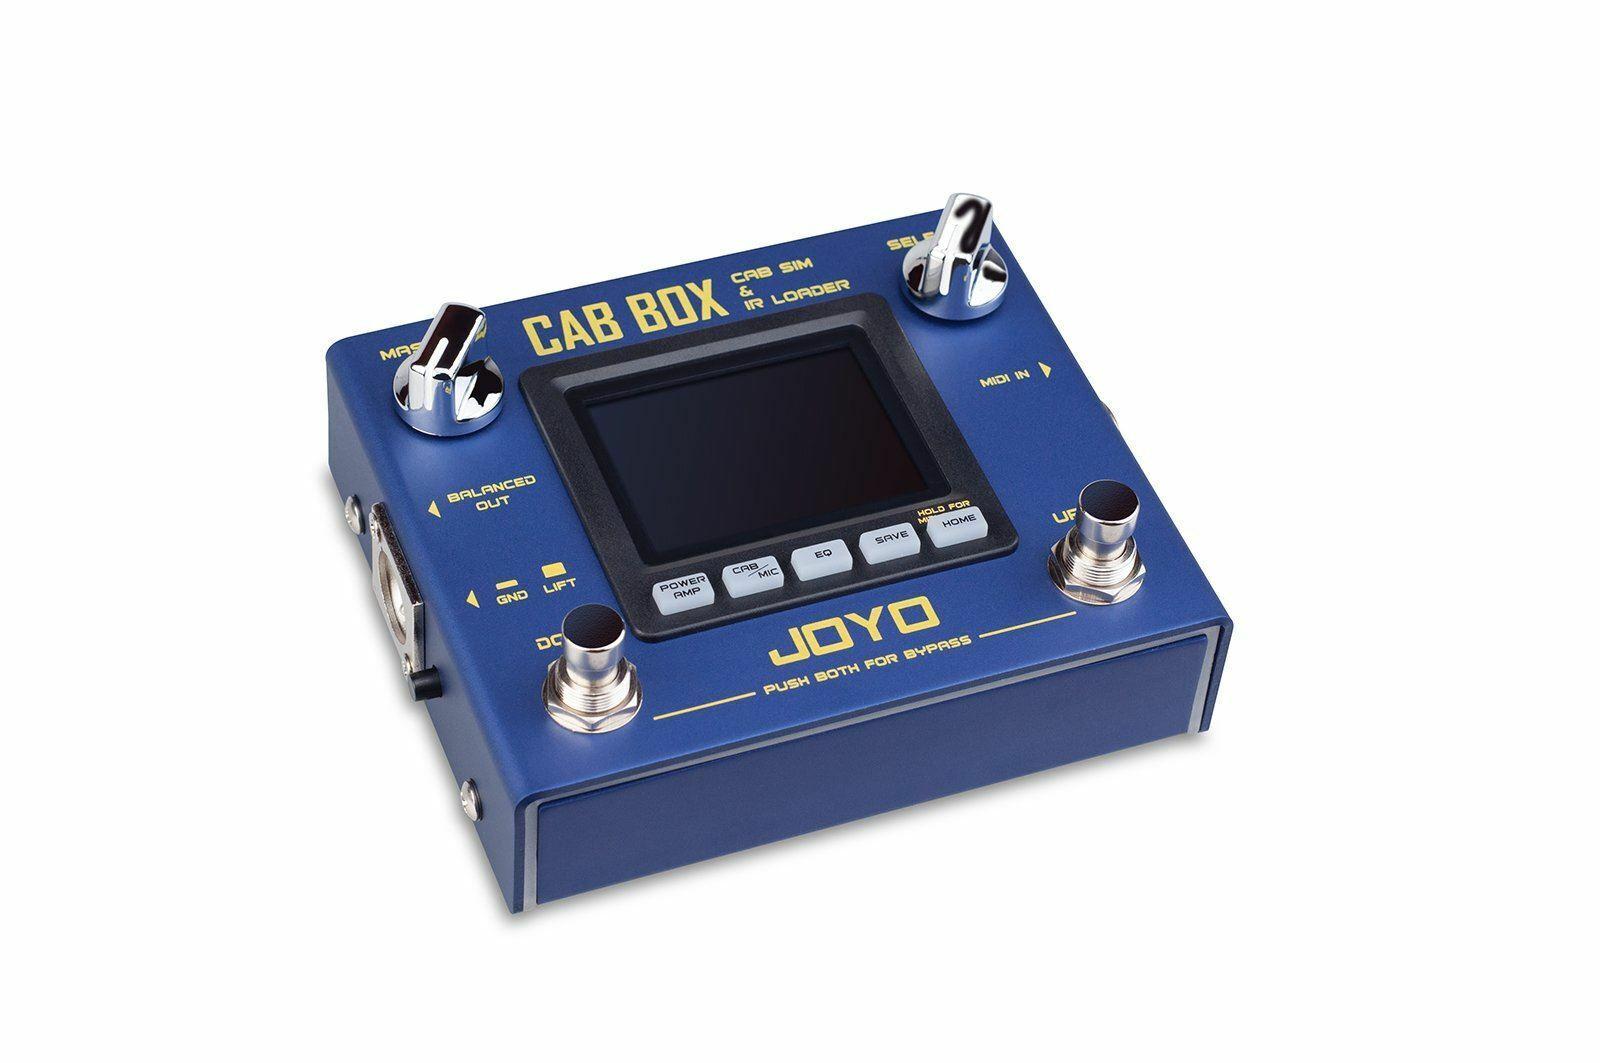 Joyo R-08 Cab caja caja caja Cab Sim e ir Loader 334dc5